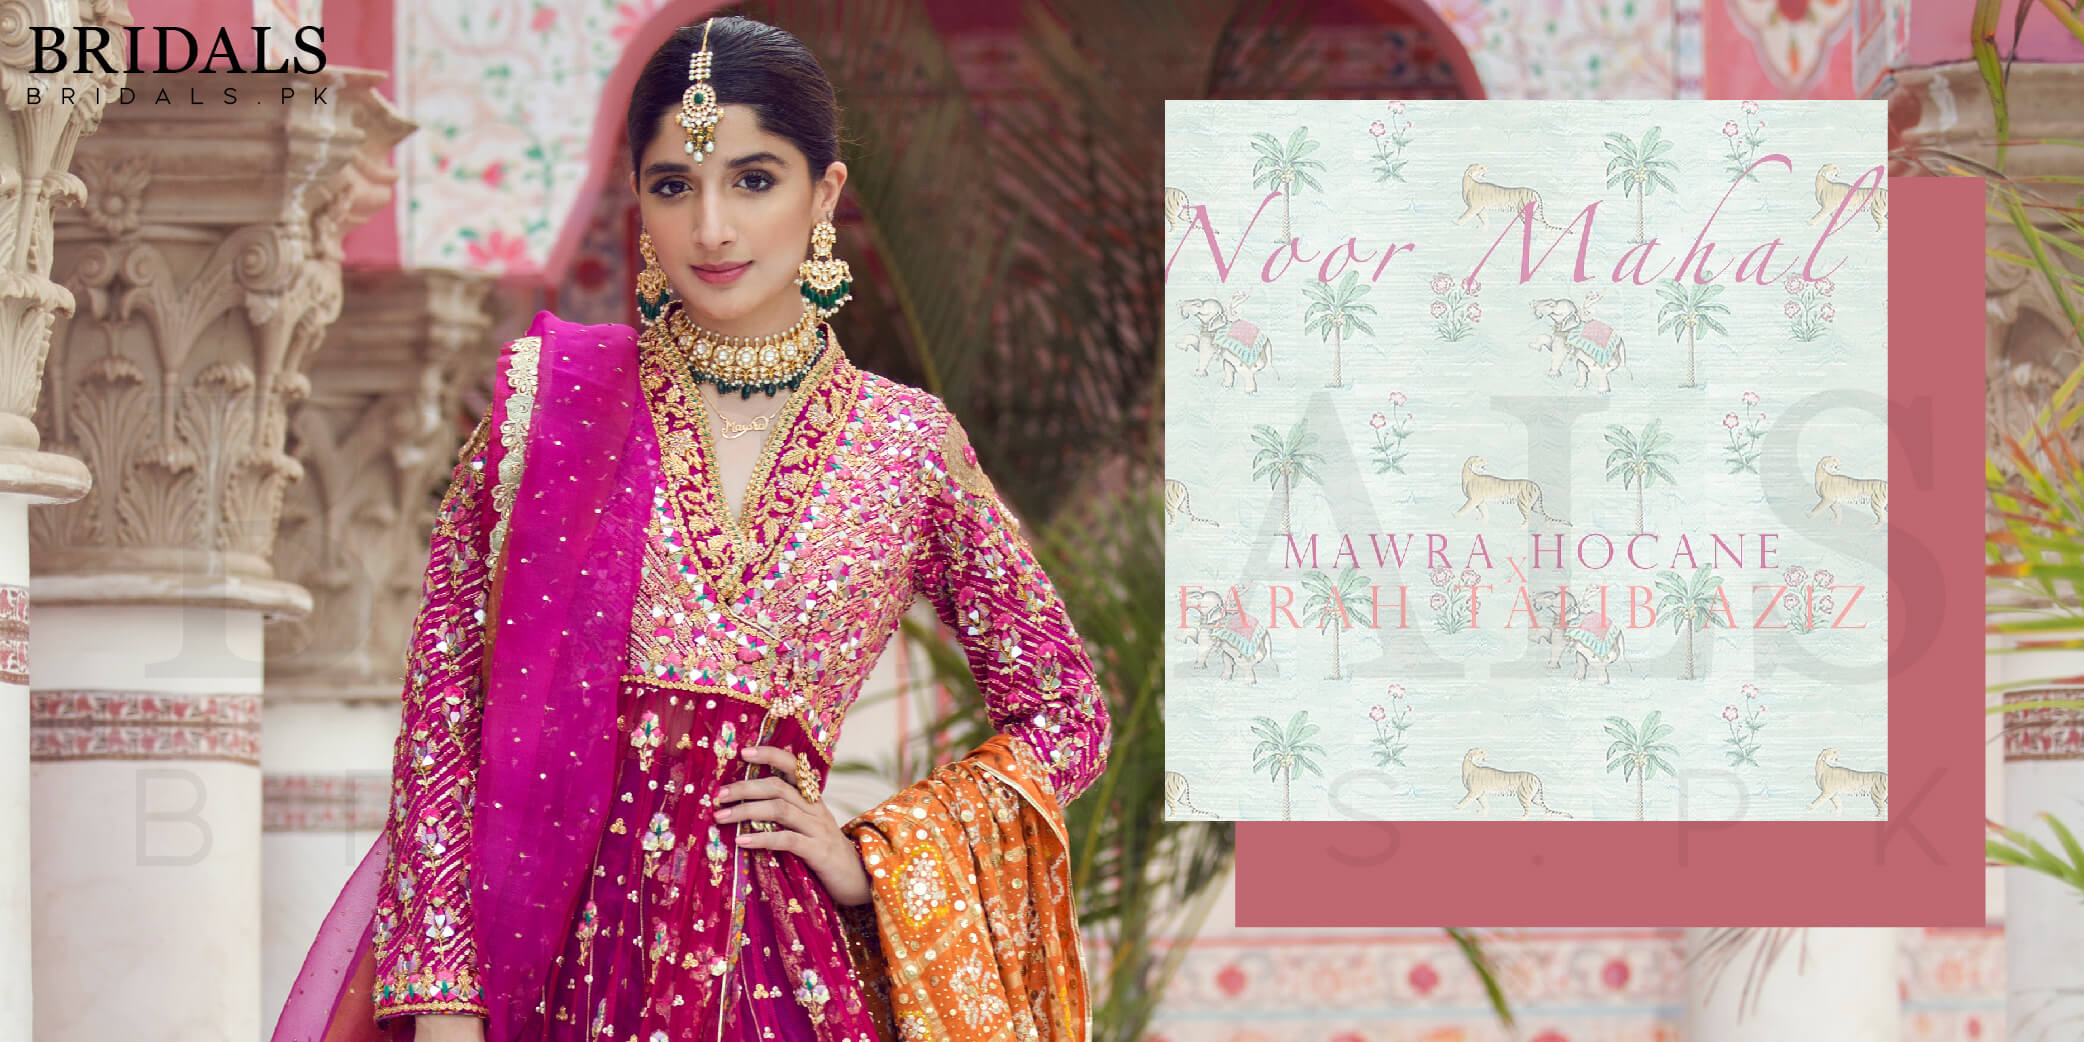 Noor Mahal: When Farah Talib Aziz's Apparels Meet Mawra Hocane's Charm!